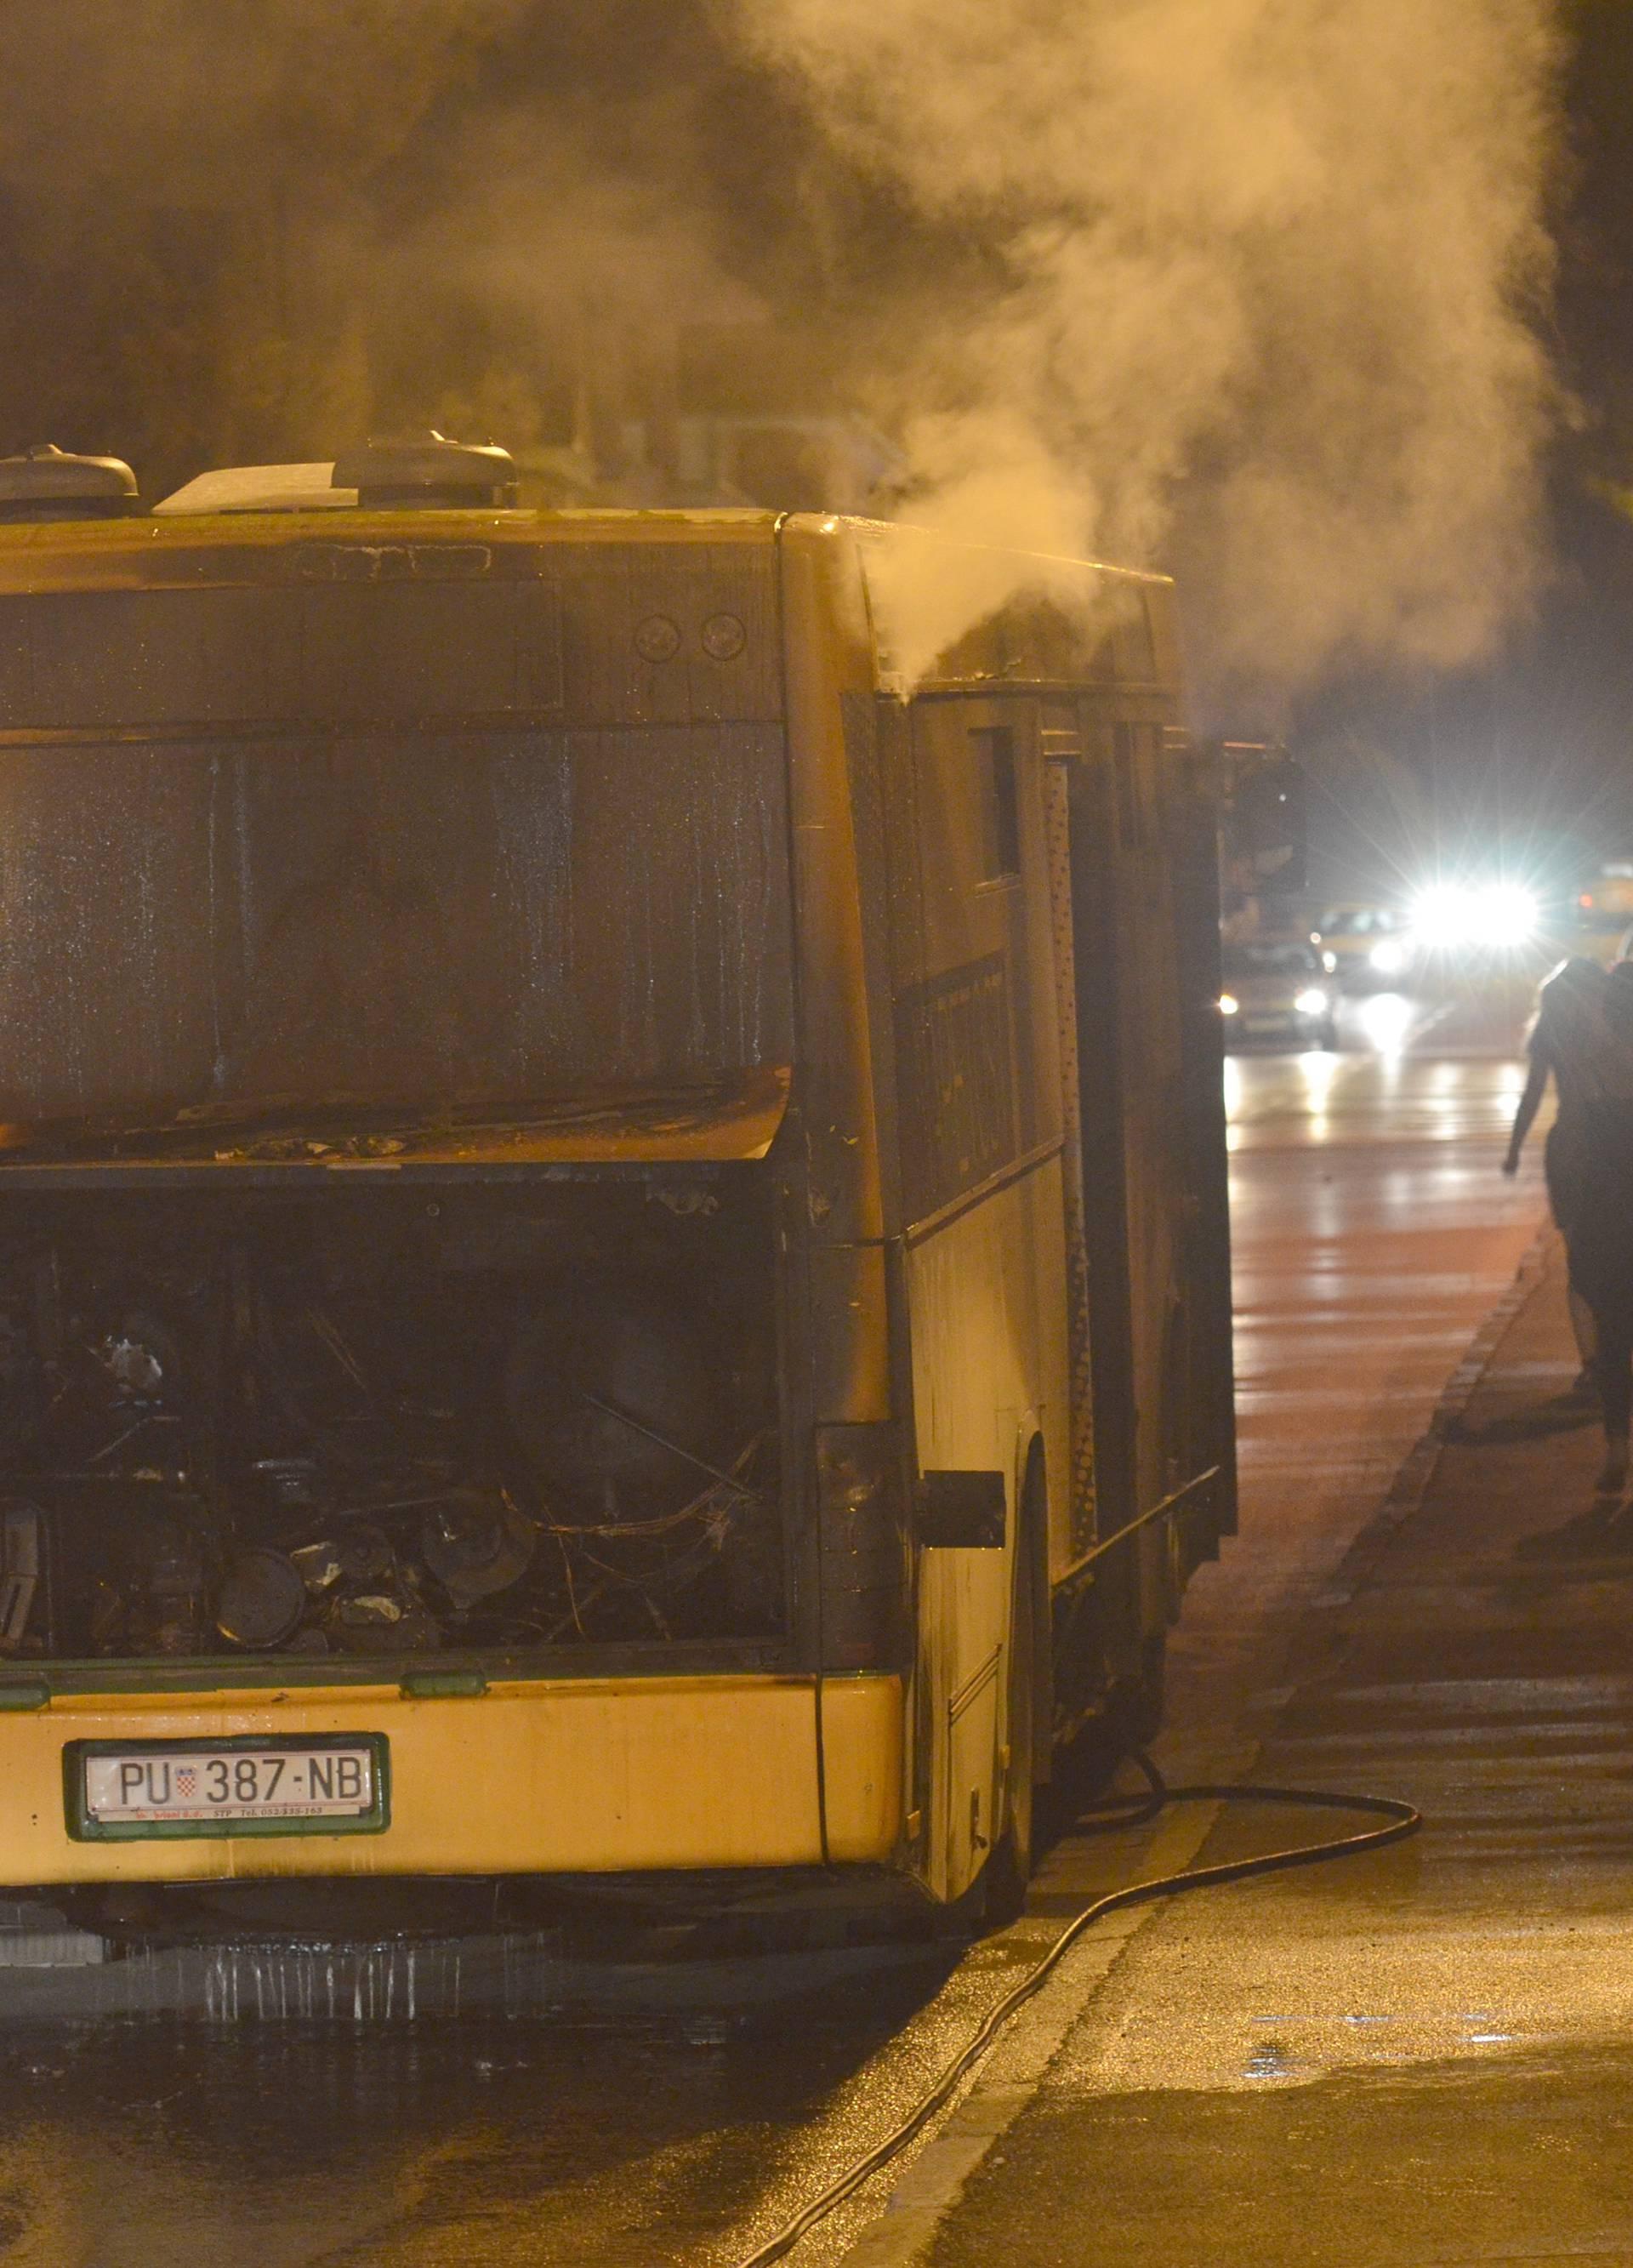 Zapalio se gradski autobus u Puli, srećom nema ozlijeđenih